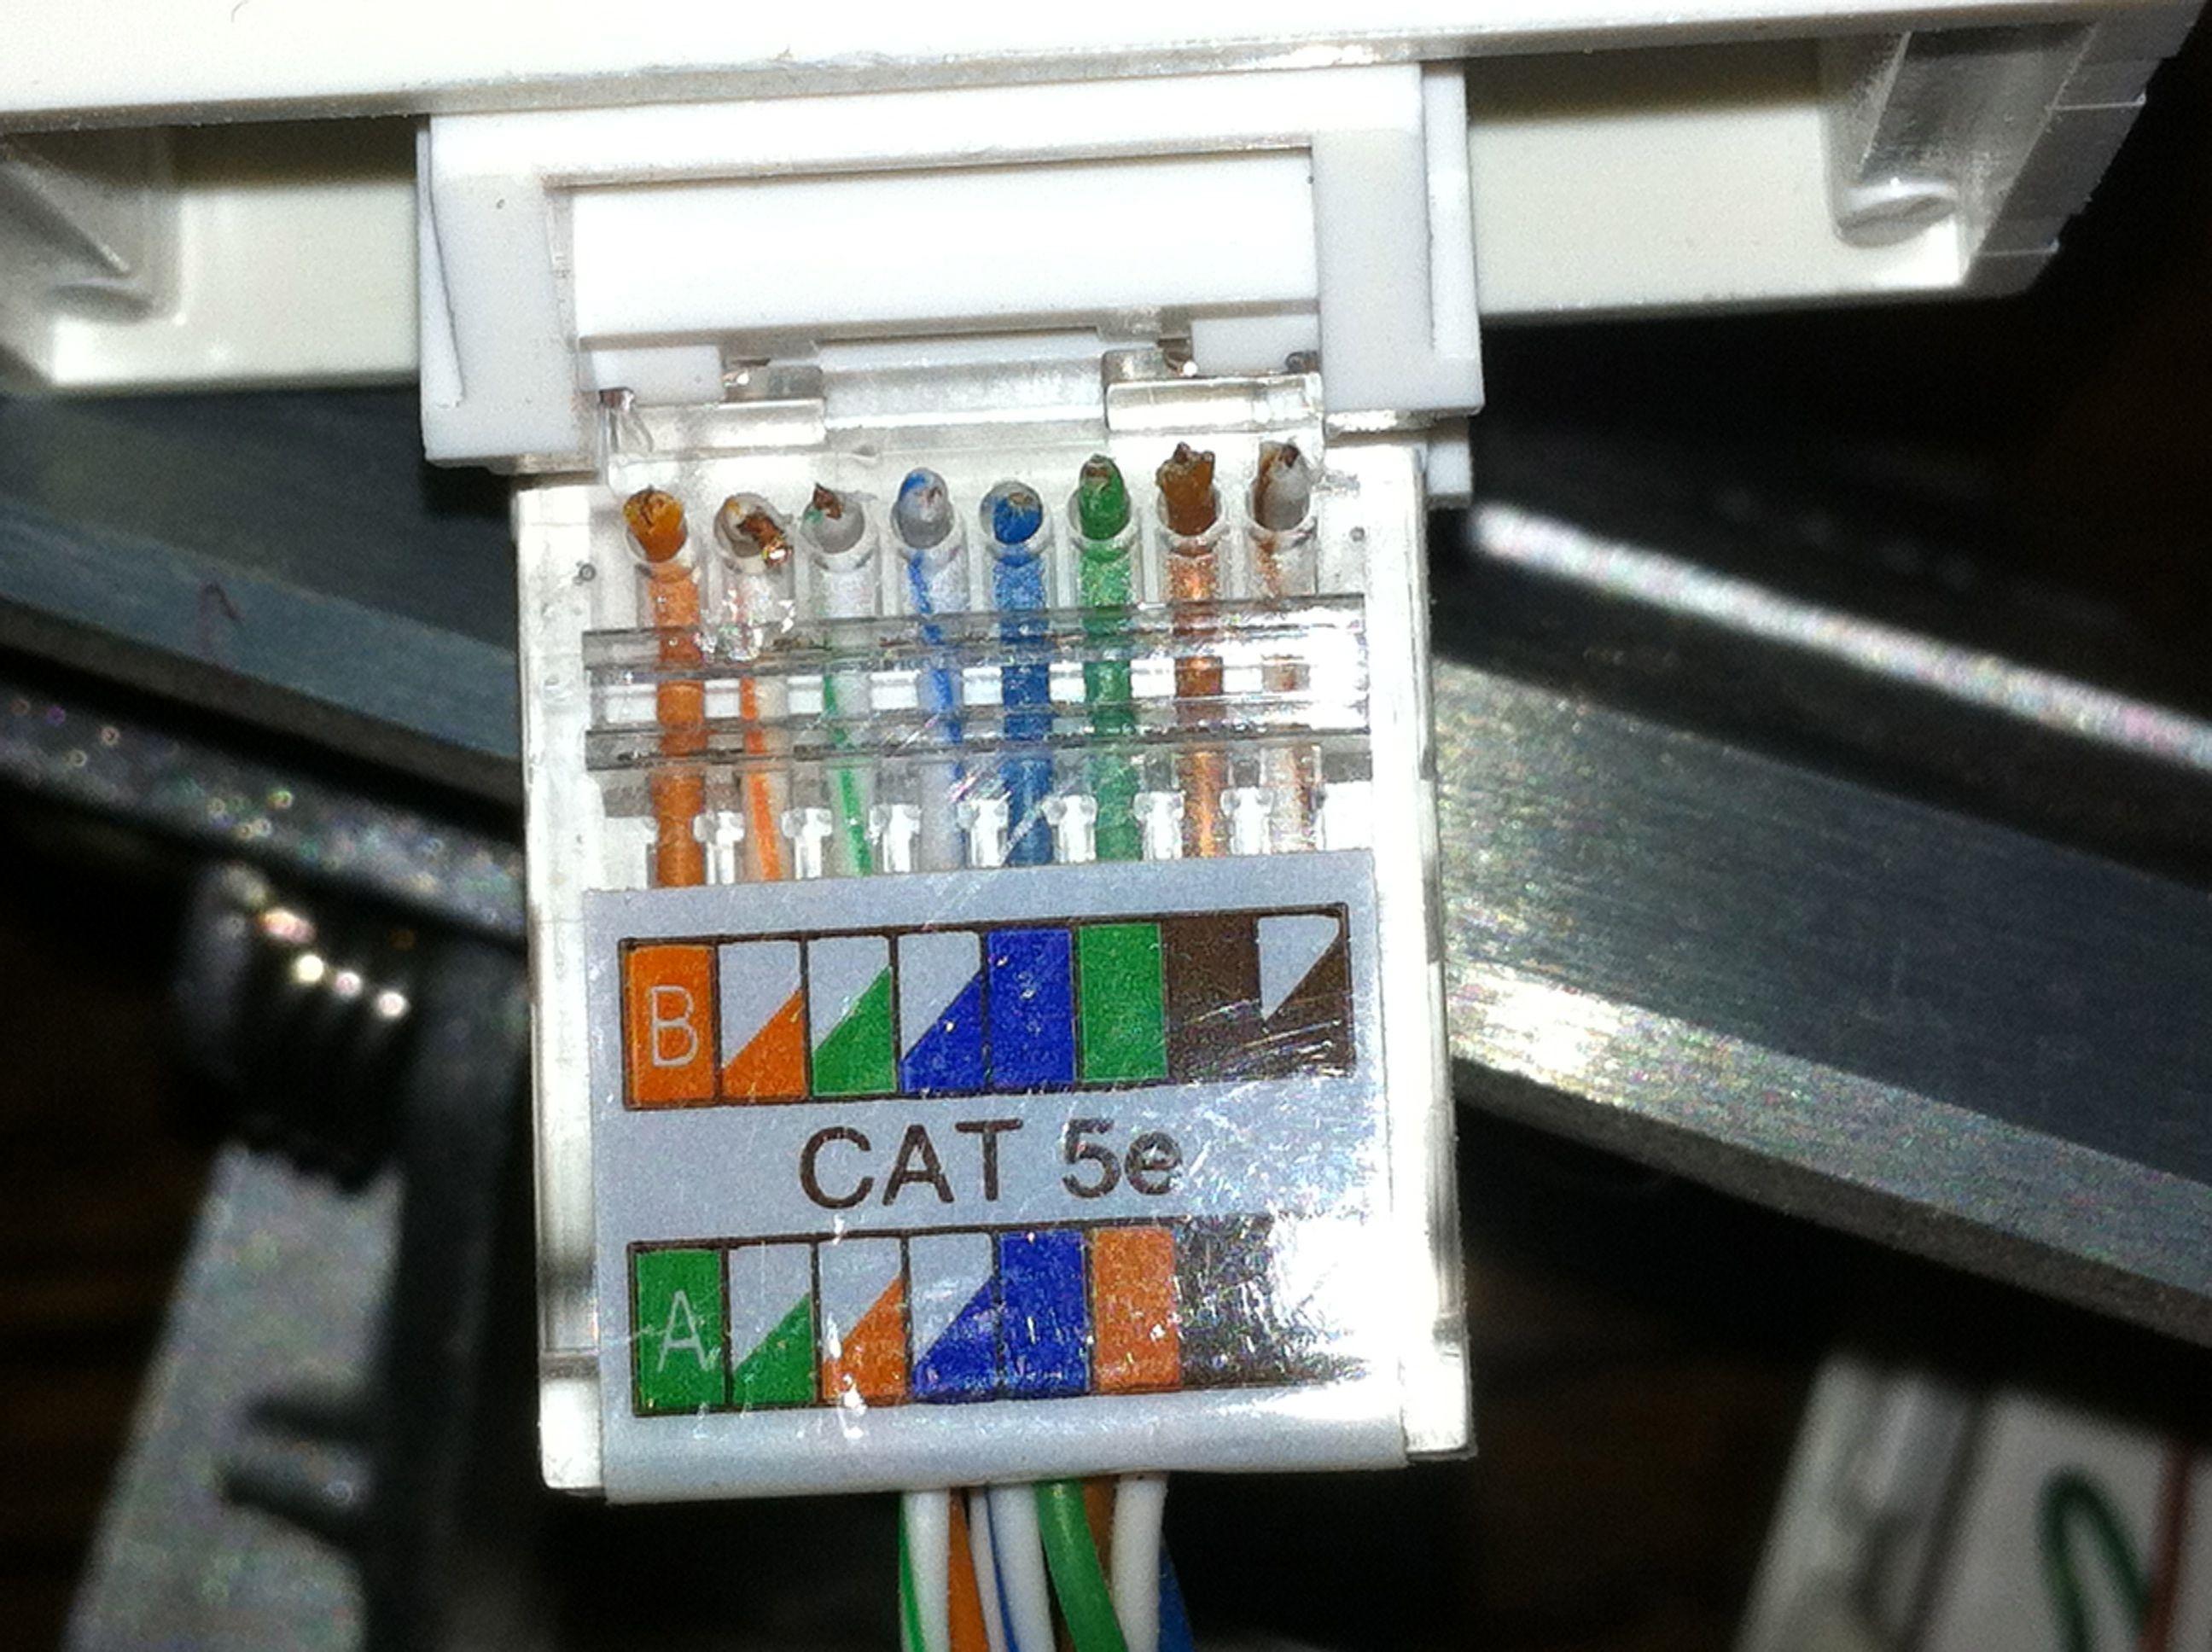 西蒙网络面板接线的另一头(接路由器)水晶头排线是按照西蒙面板上的